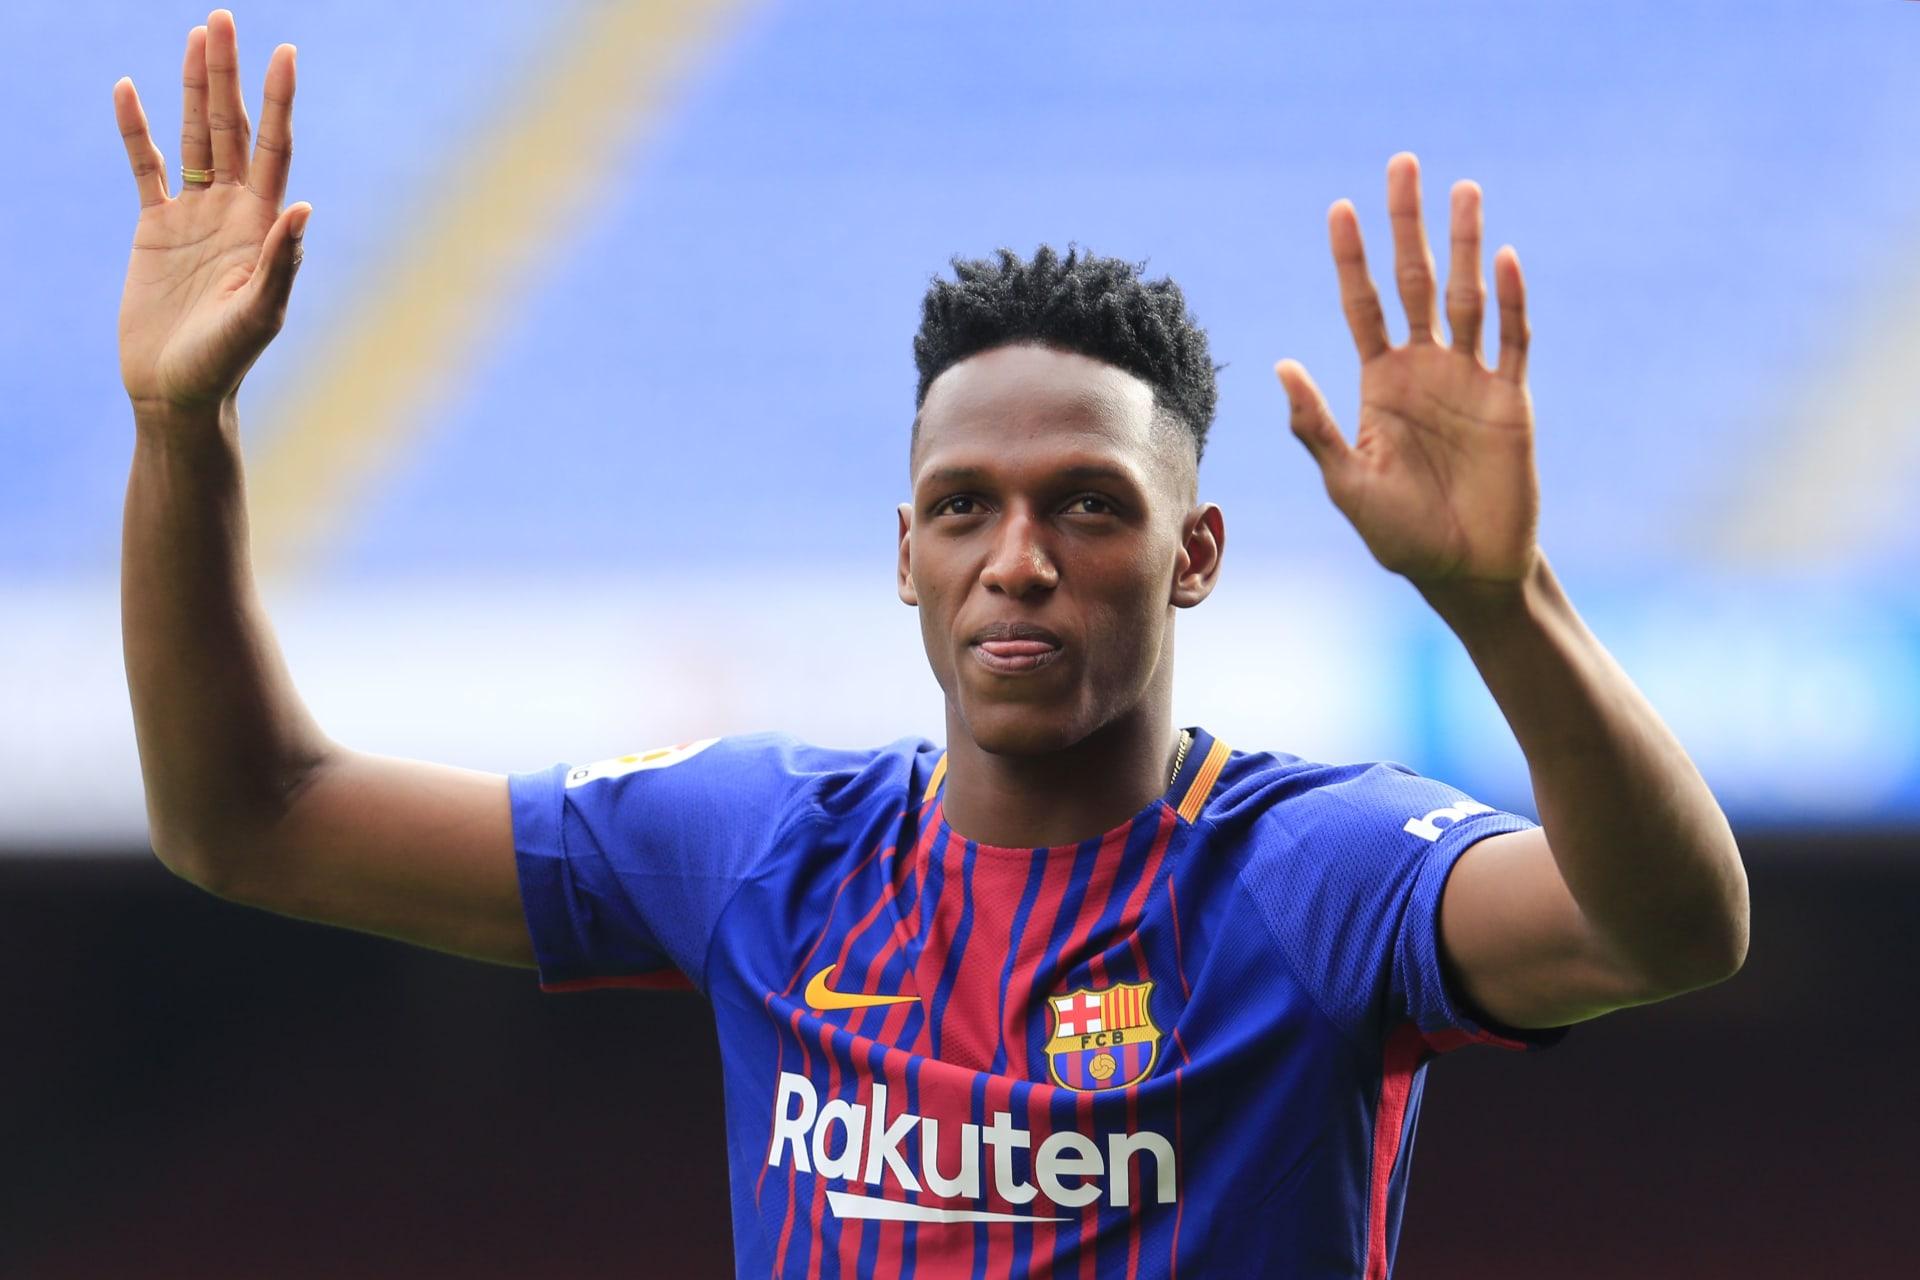 """لاعب برشلونة الجديد يدخل إلى الملعب """"حافي القدمين"""""""